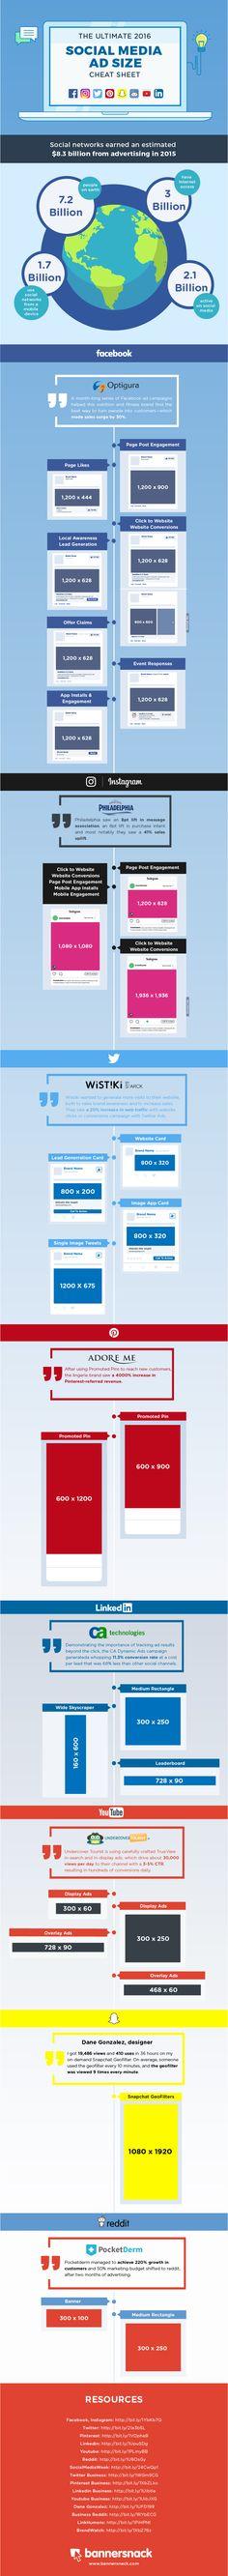 Abmessungen social media Anzeigen